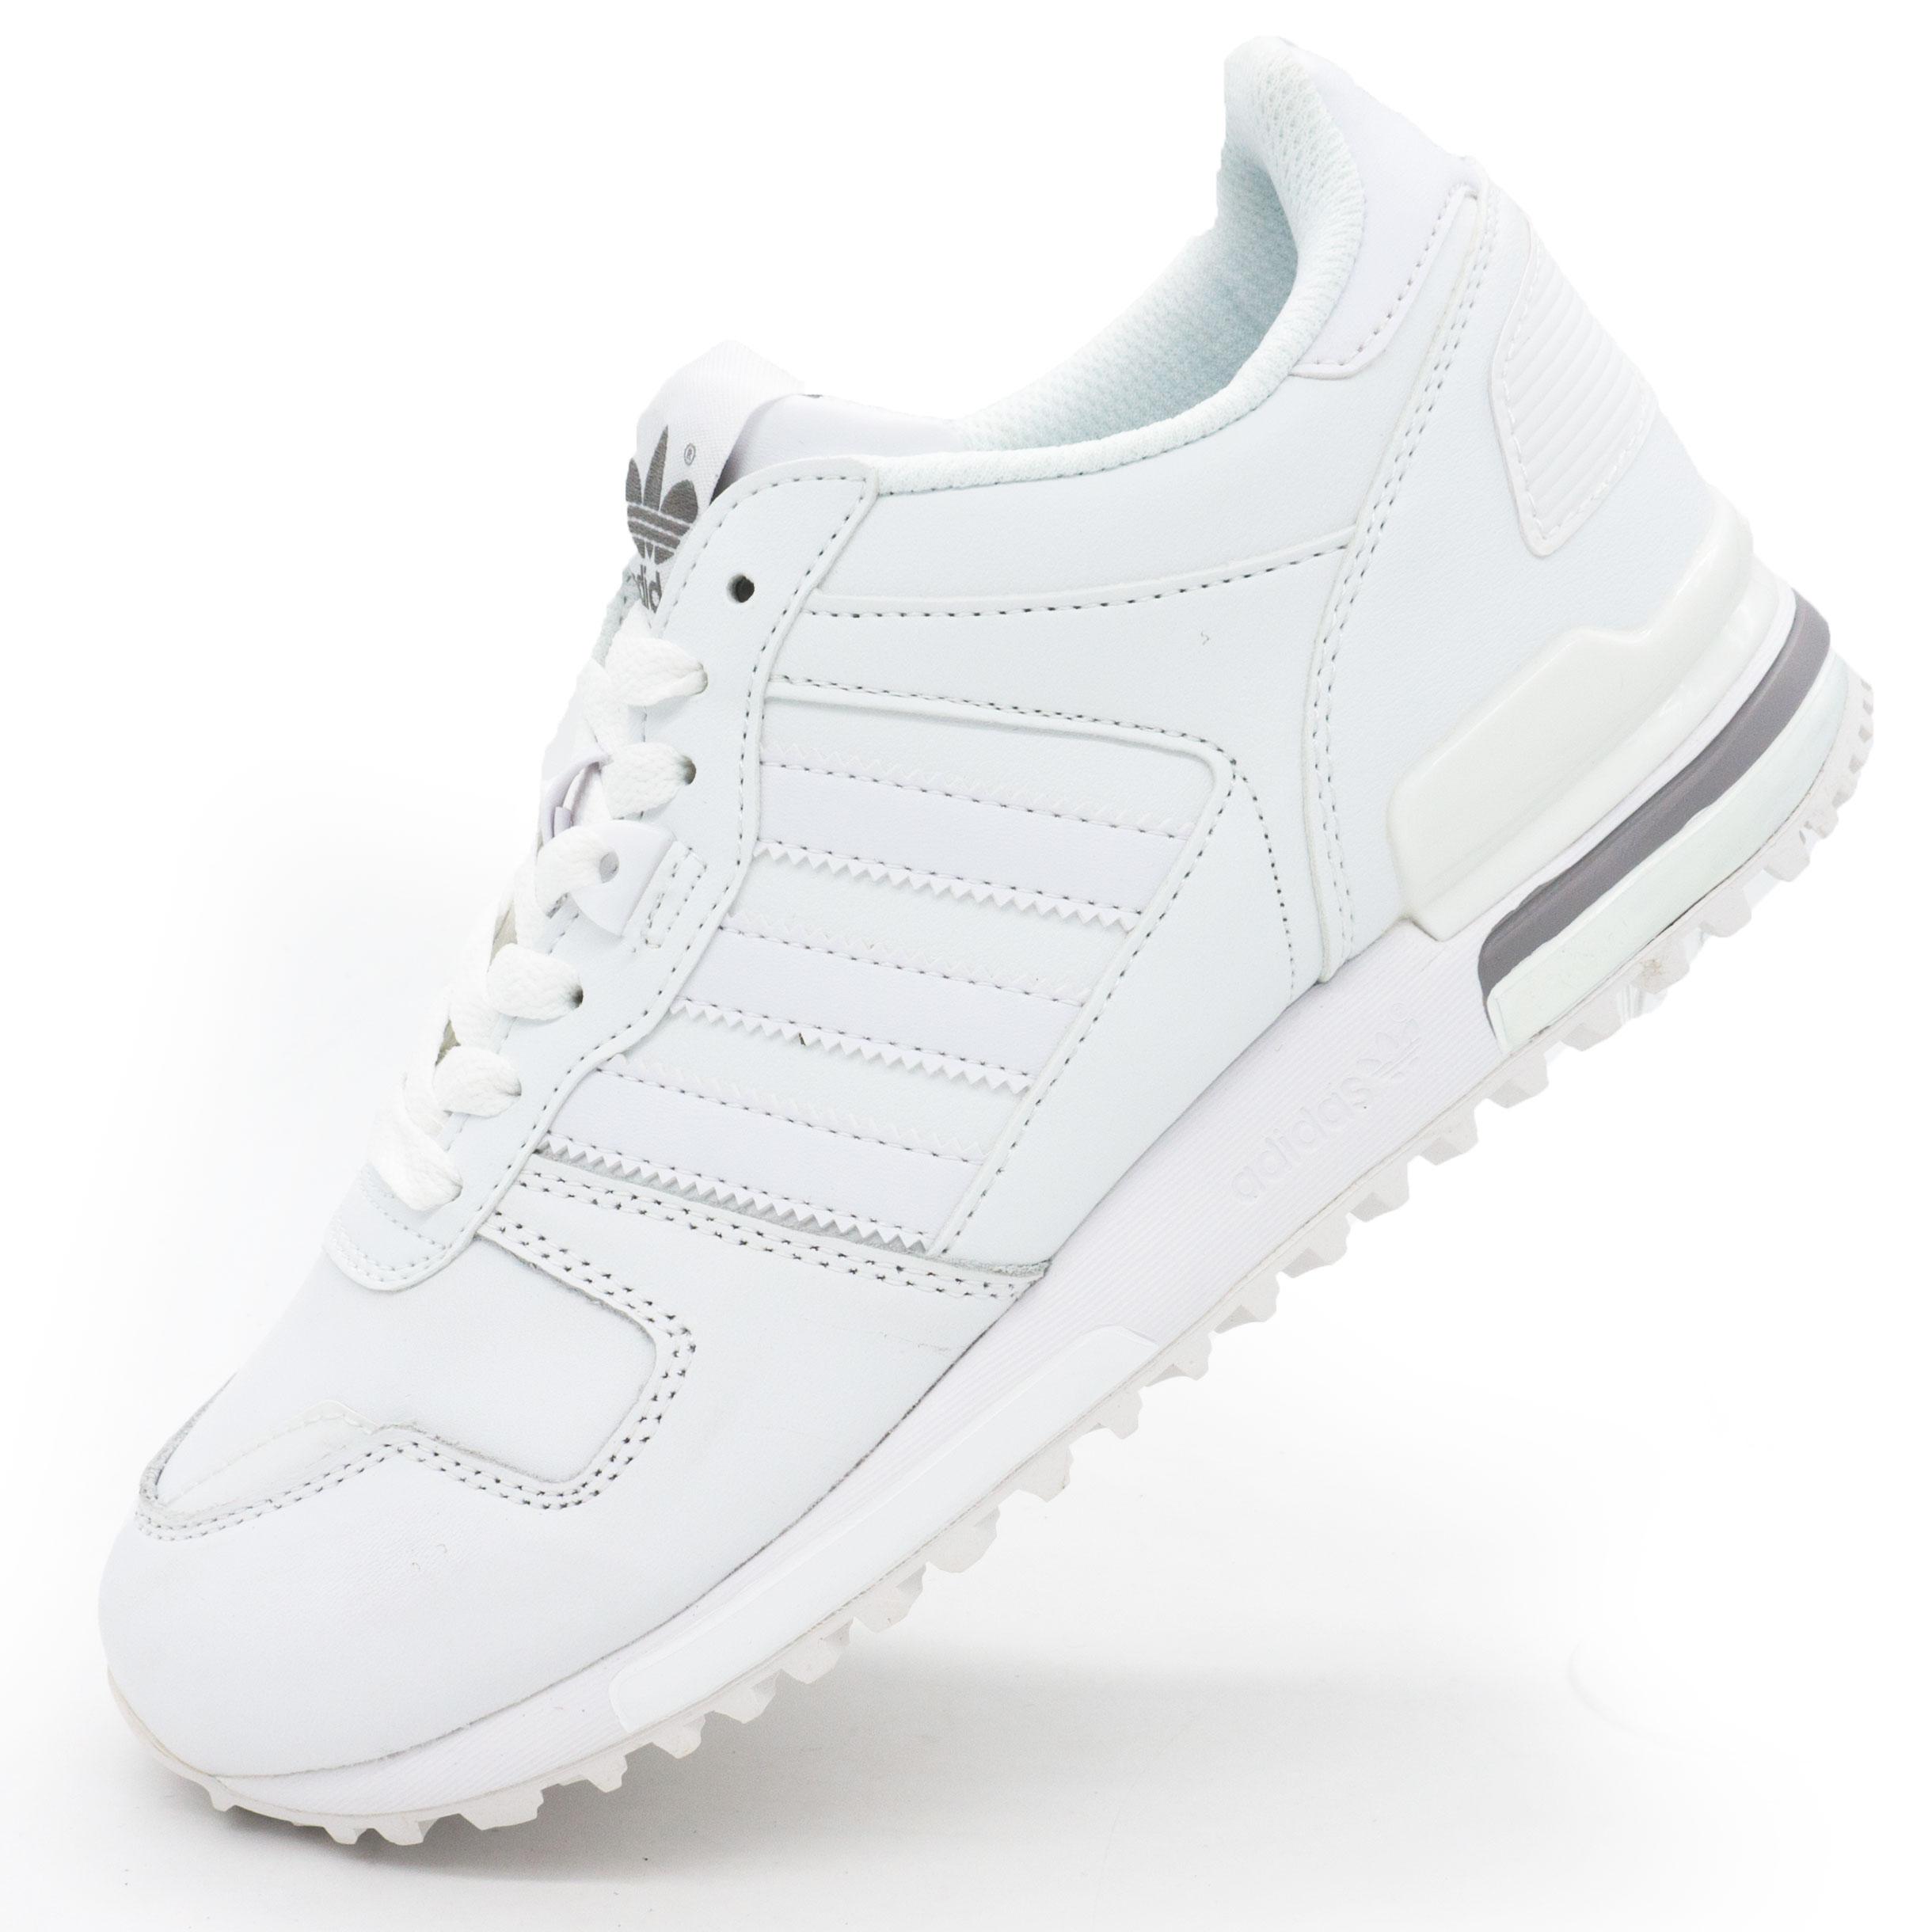 фото main Кожаные белые женские кроссовки Adidas zx700 - Топ качество! main